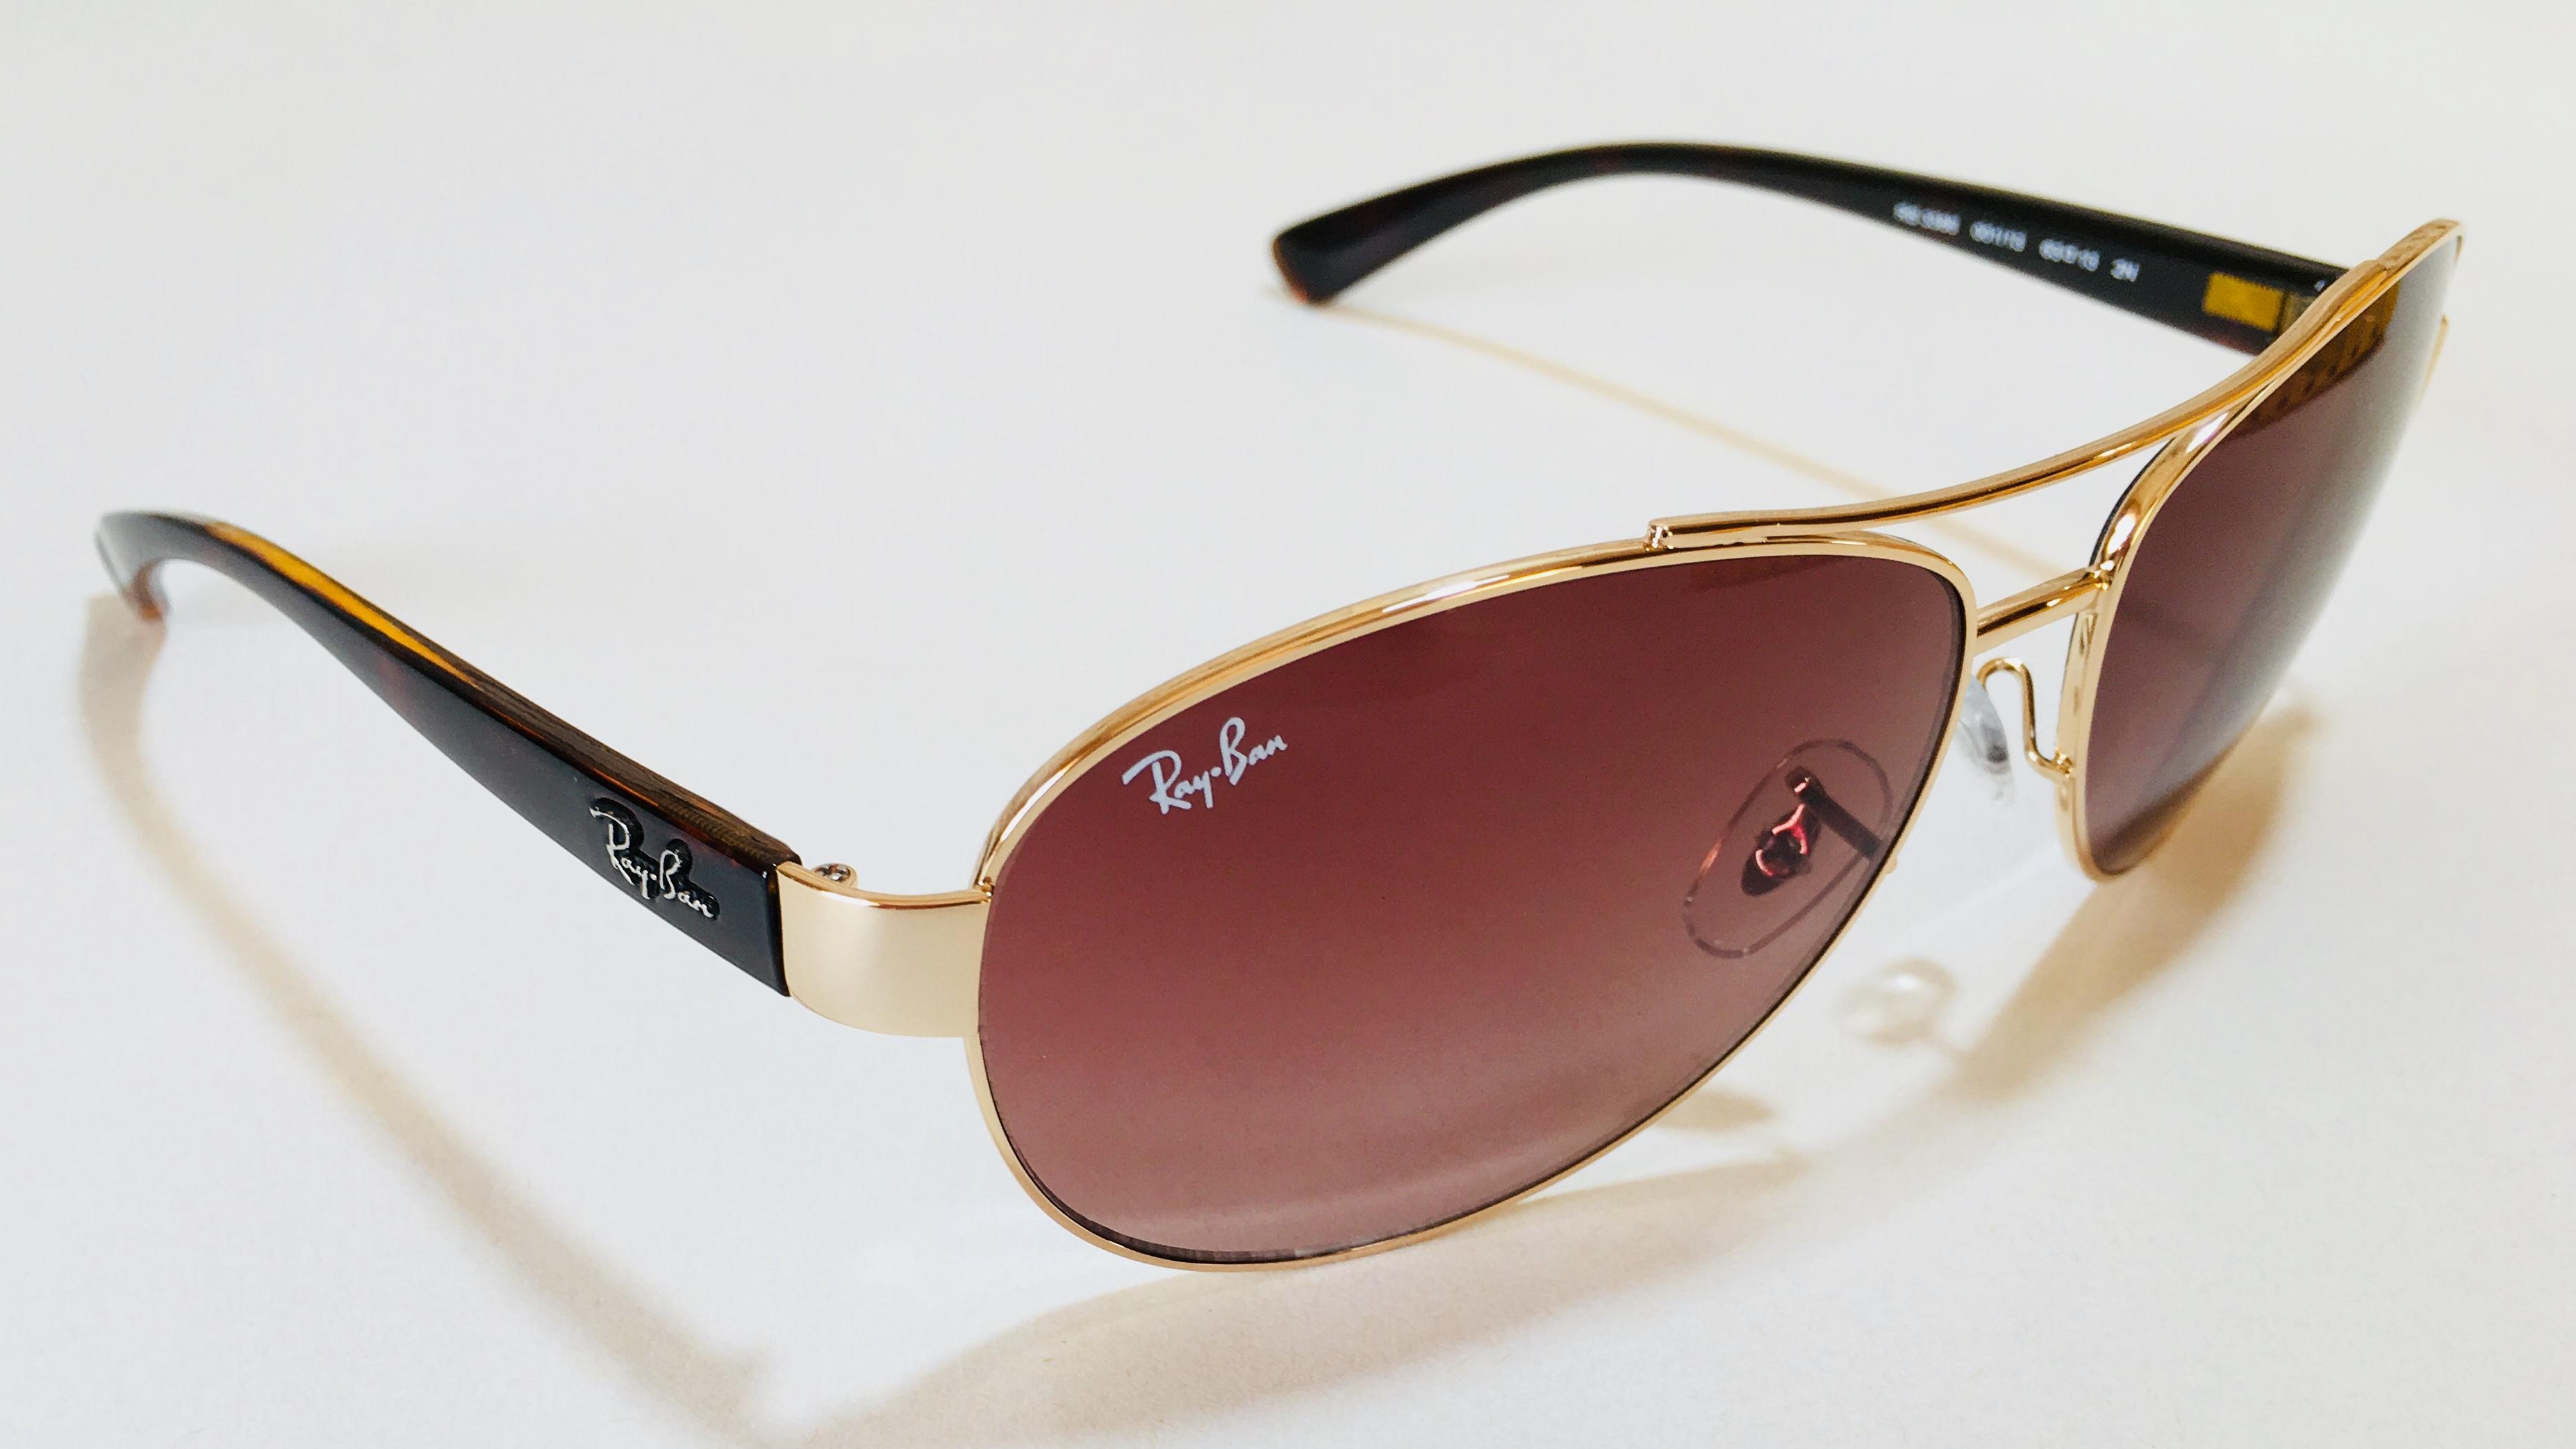 Солнцезащитные очкиРей Бенкупить недорого